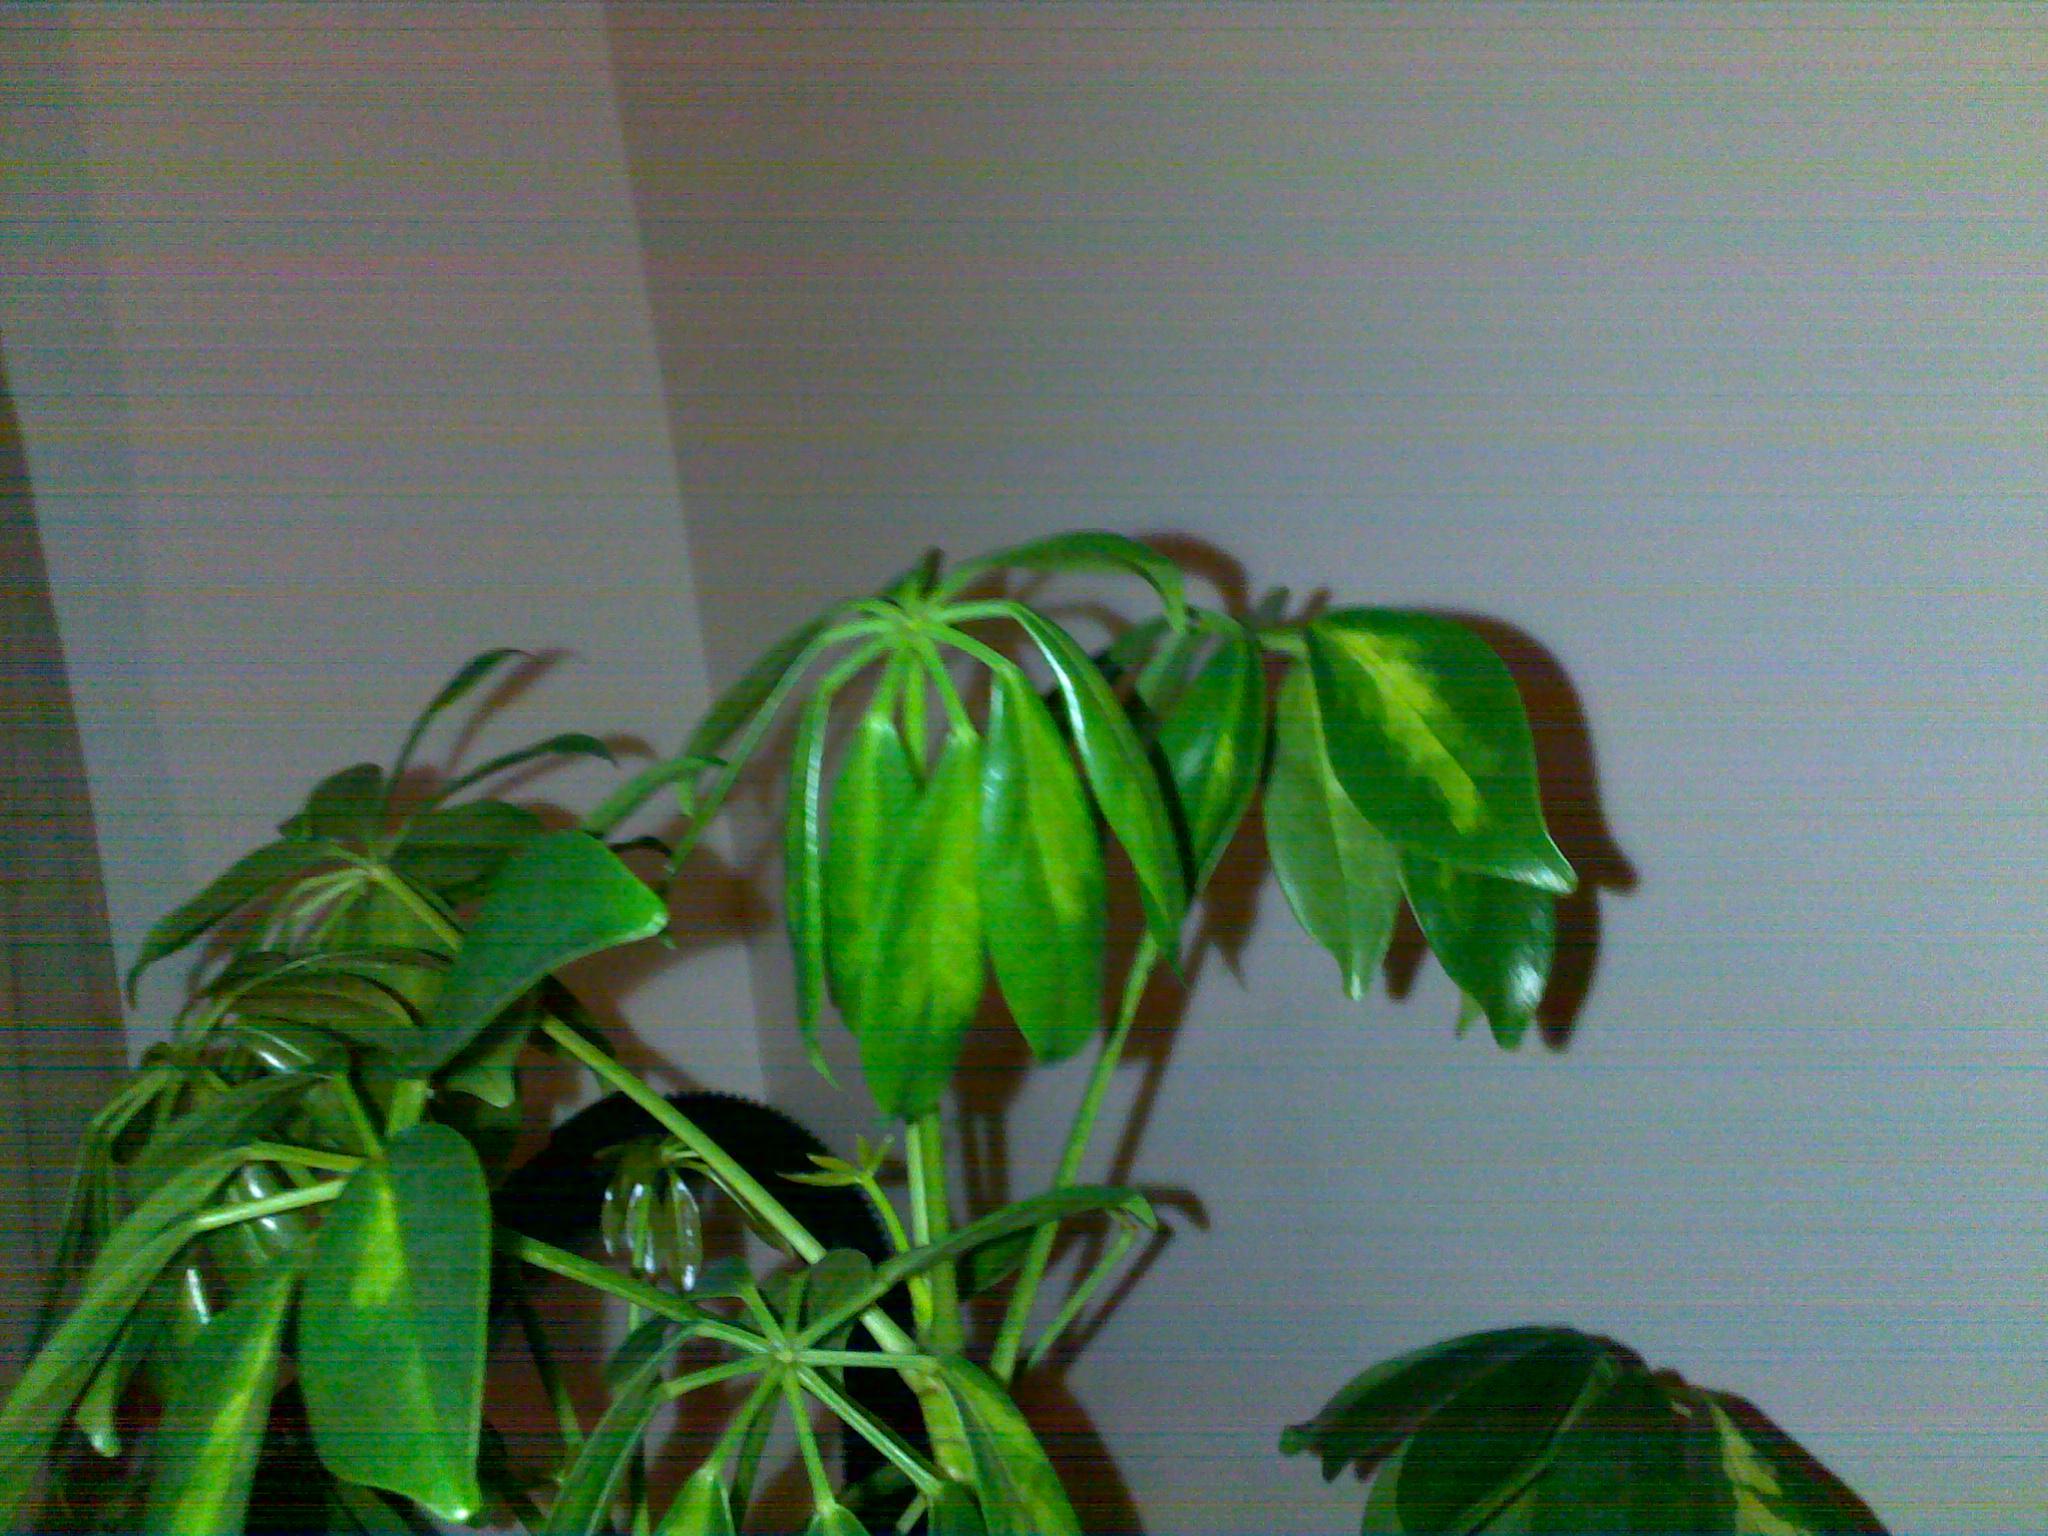 nouvelles feuilles de mon schefflera sont molles 24679820042013146